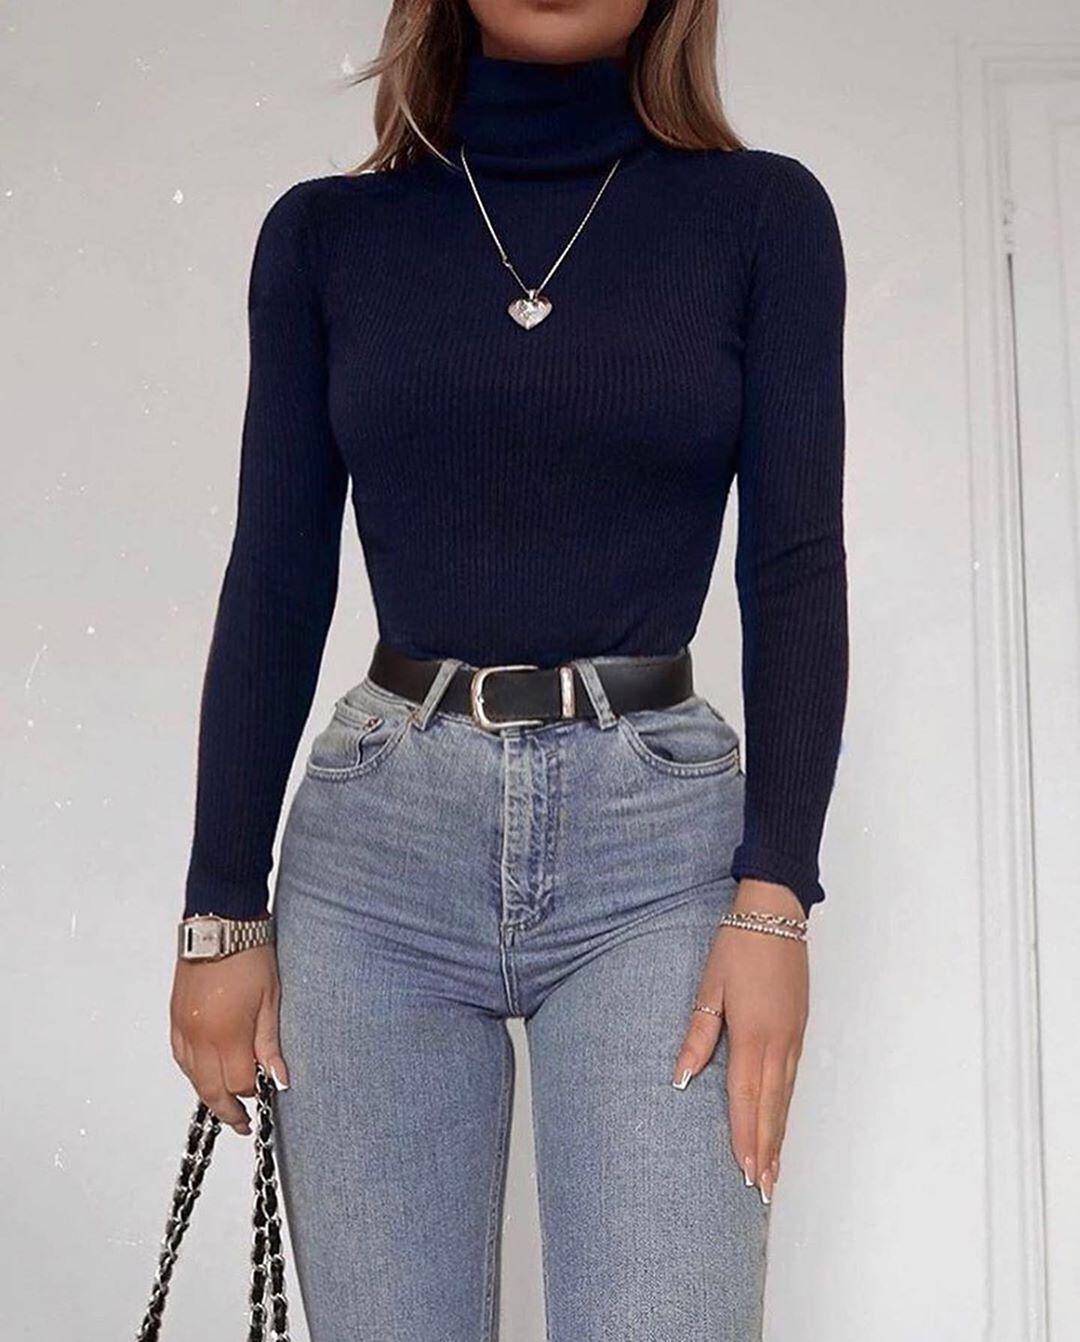 Idée de tenue - Outfit Ideas - Clothes